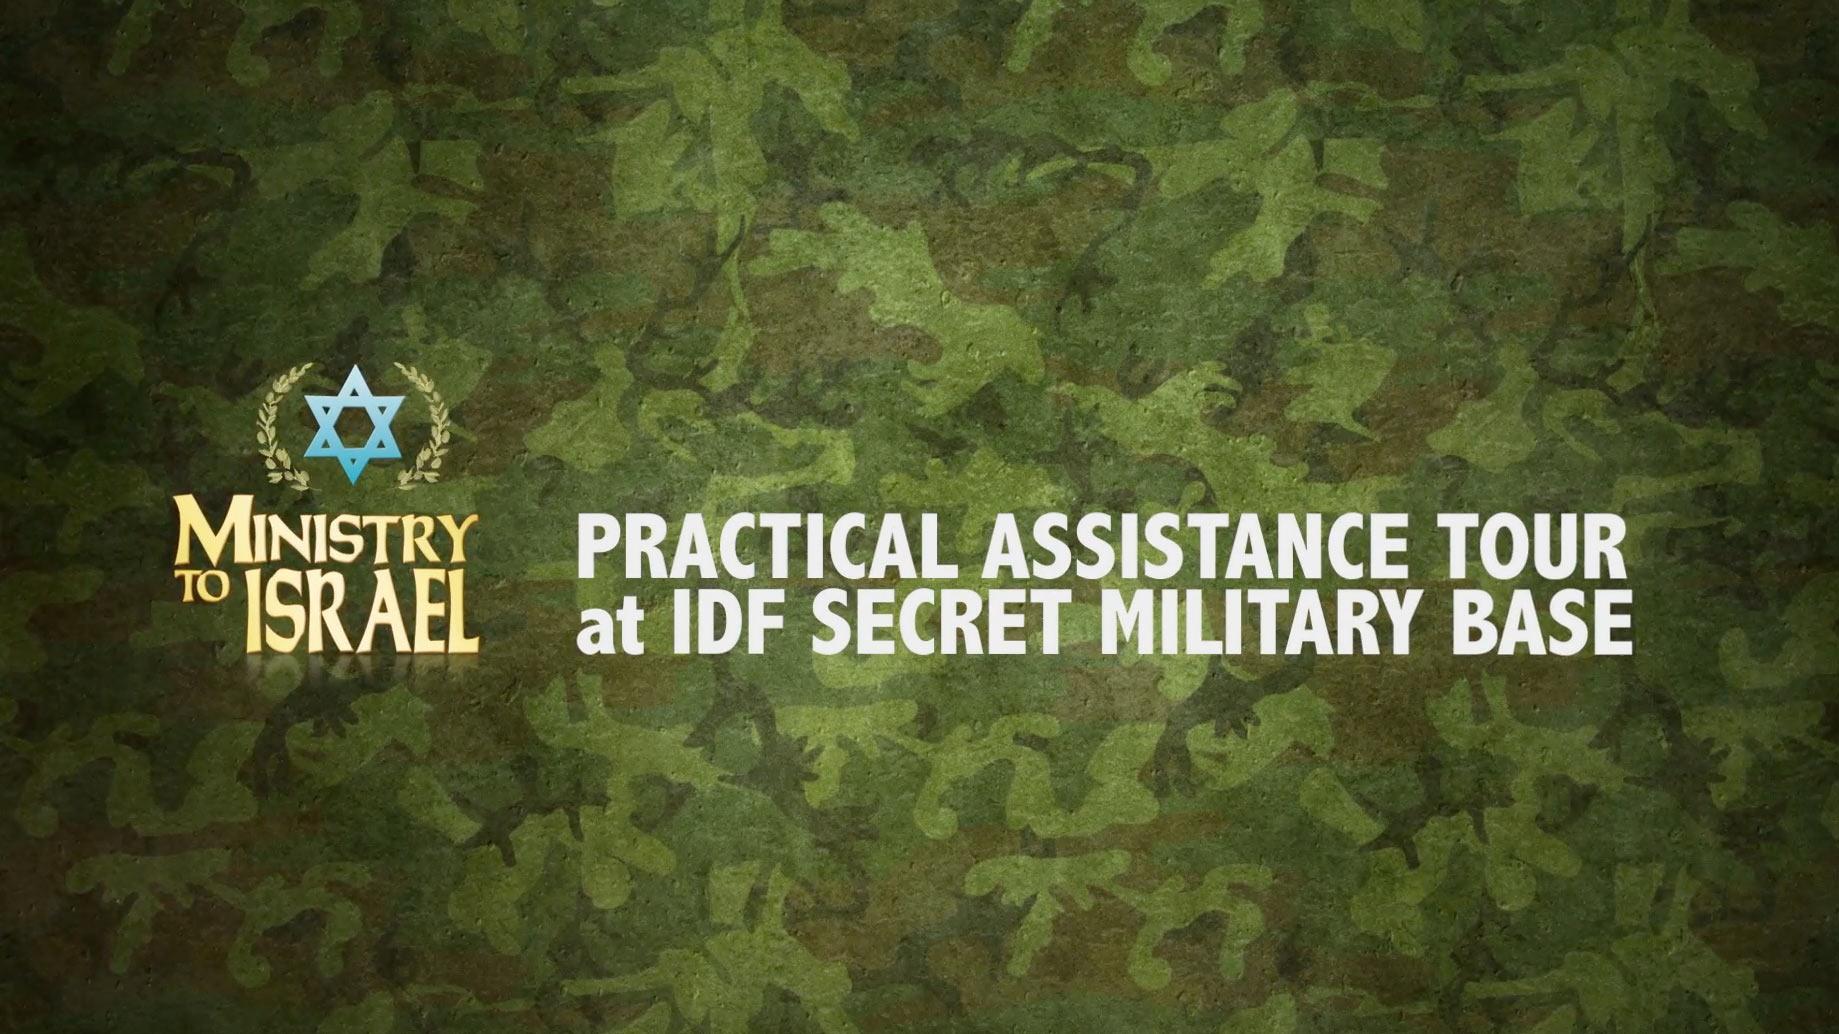 MTI's Practical Assistance Team Blesses IDF Elite Unit